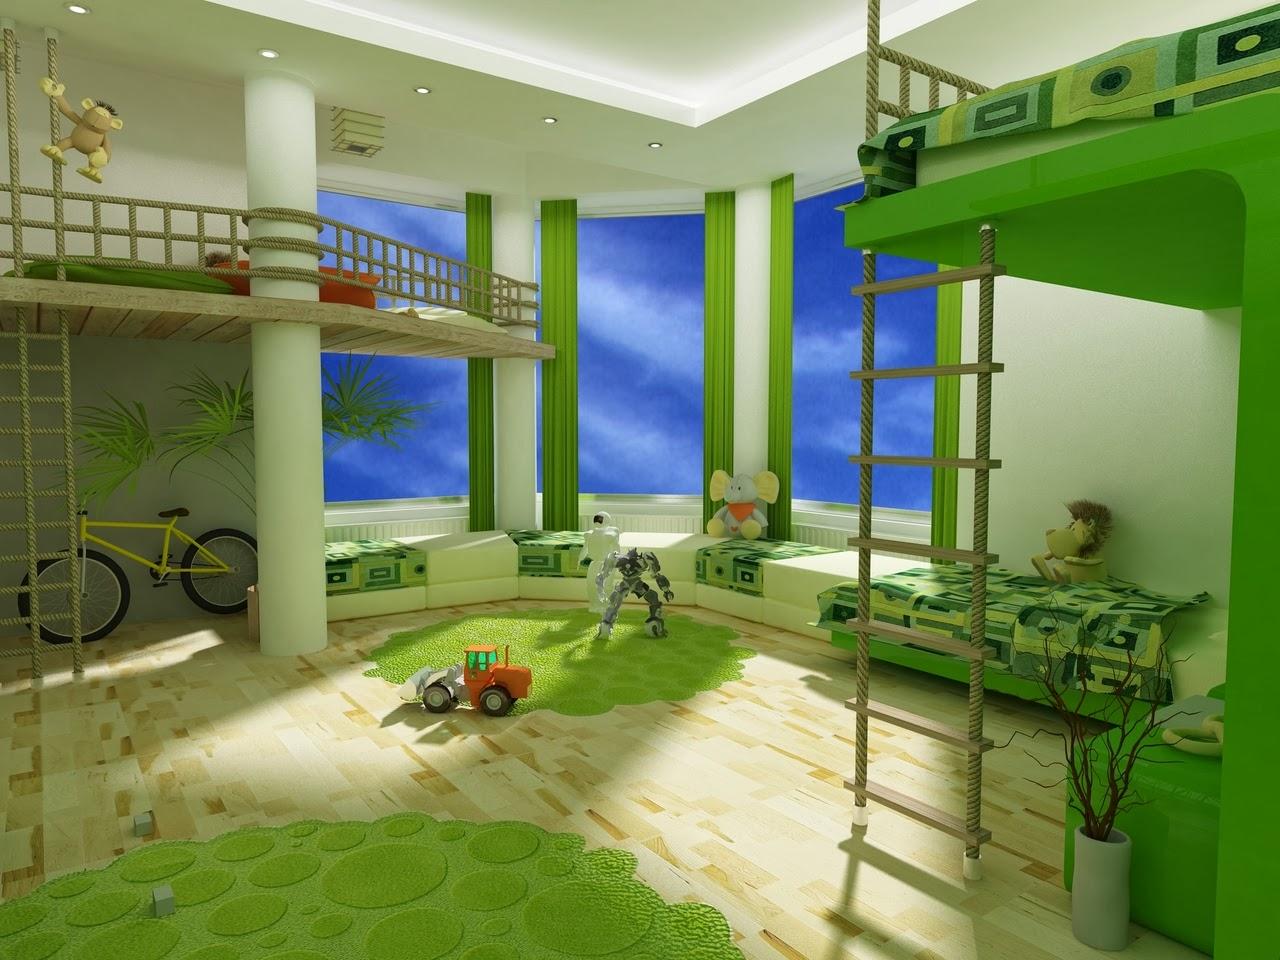 необычные детские комнаты фото 1